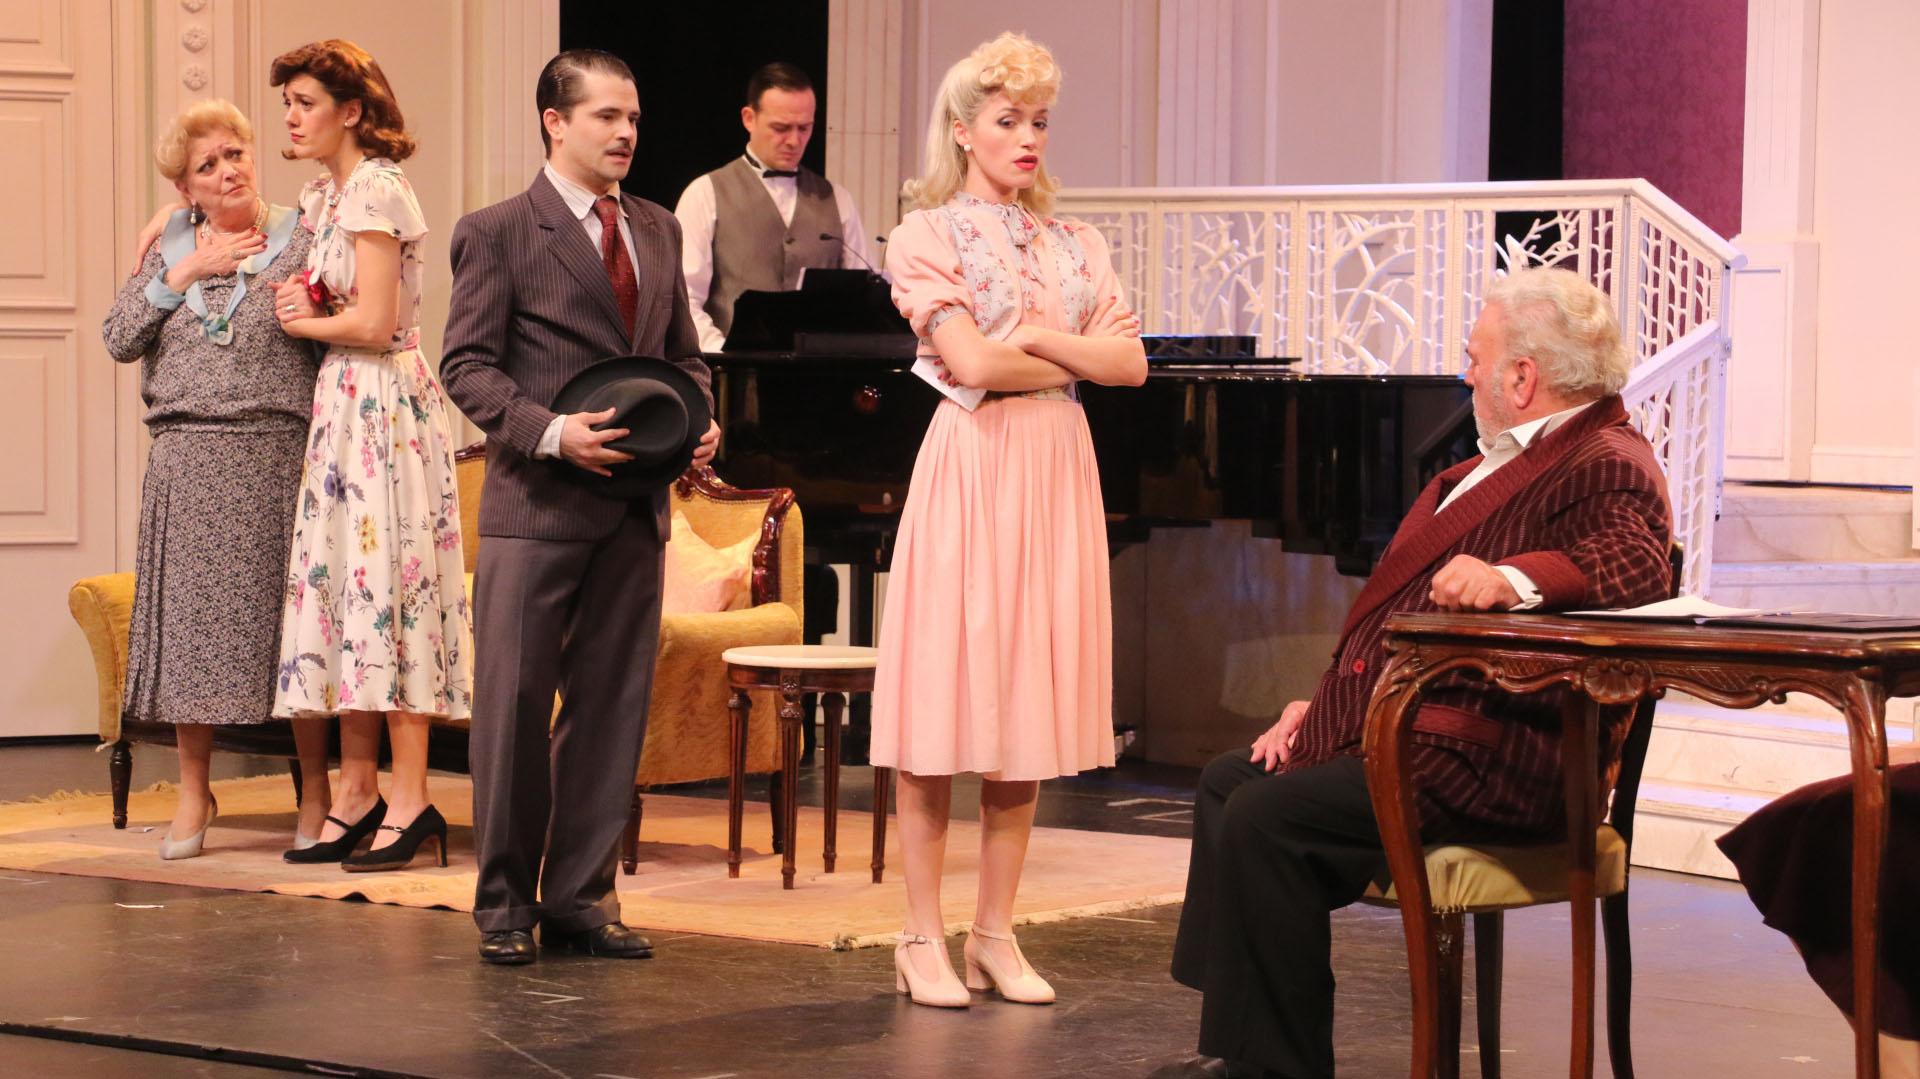 Felipe Colombo y Rodolfo Ranni comparten el escenario con la joven actriz